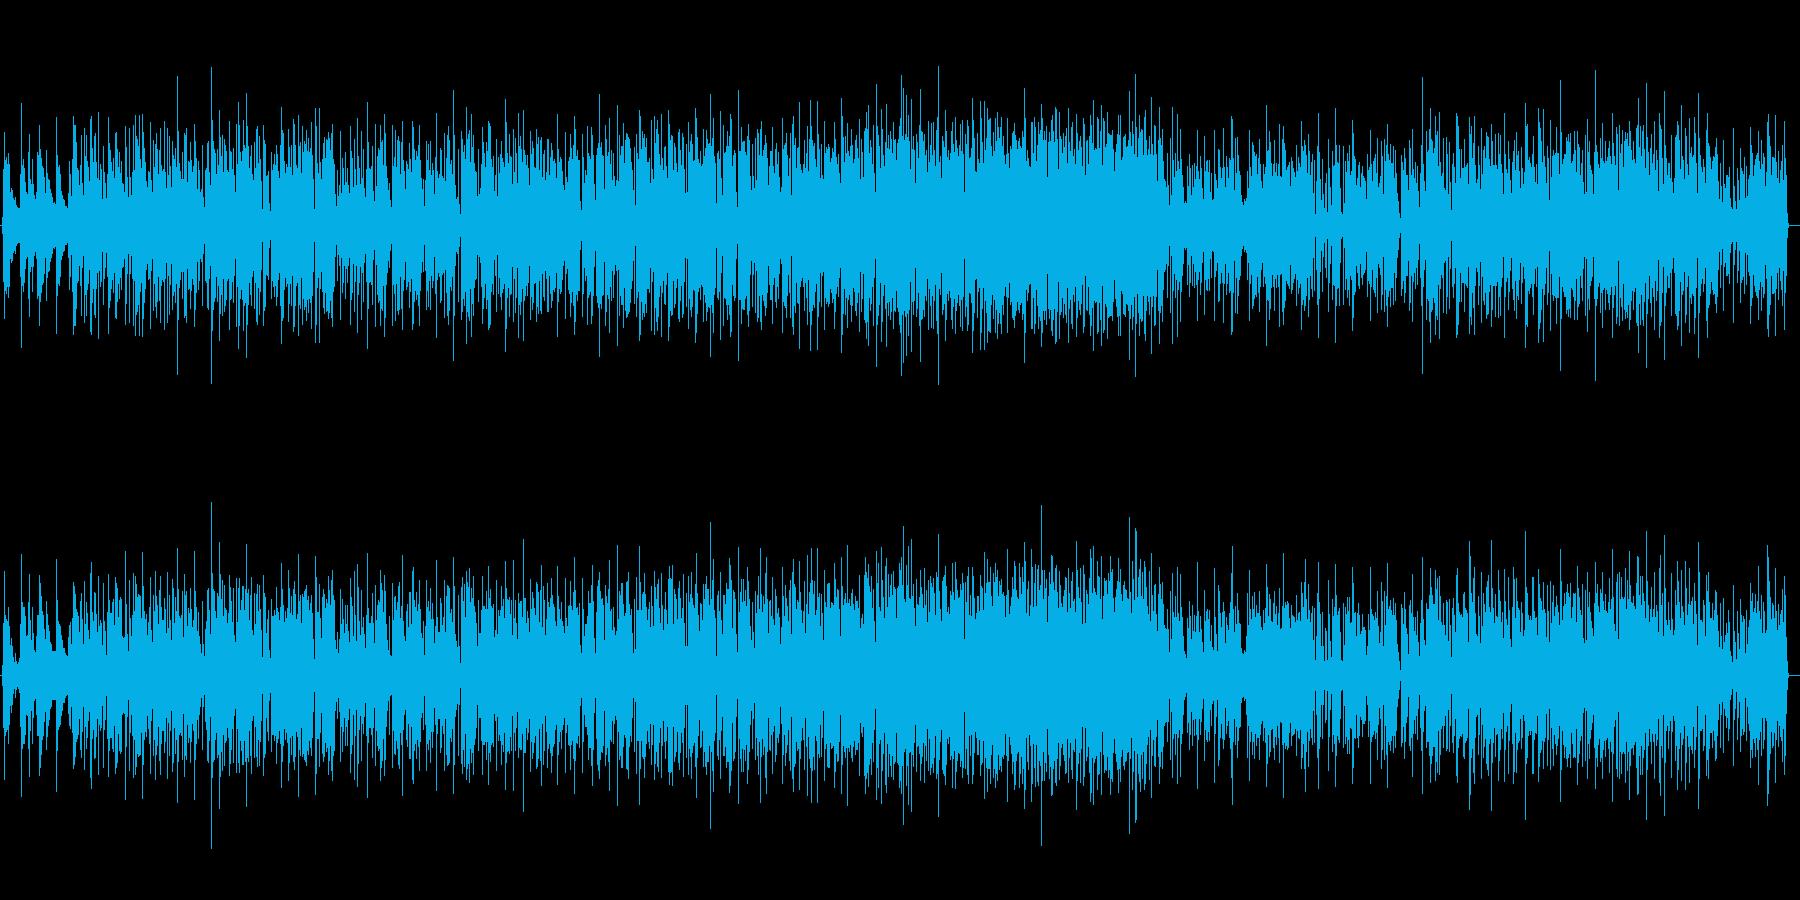 子守唄を大人な雰囲気にピアノアレンジの再生済みの波形